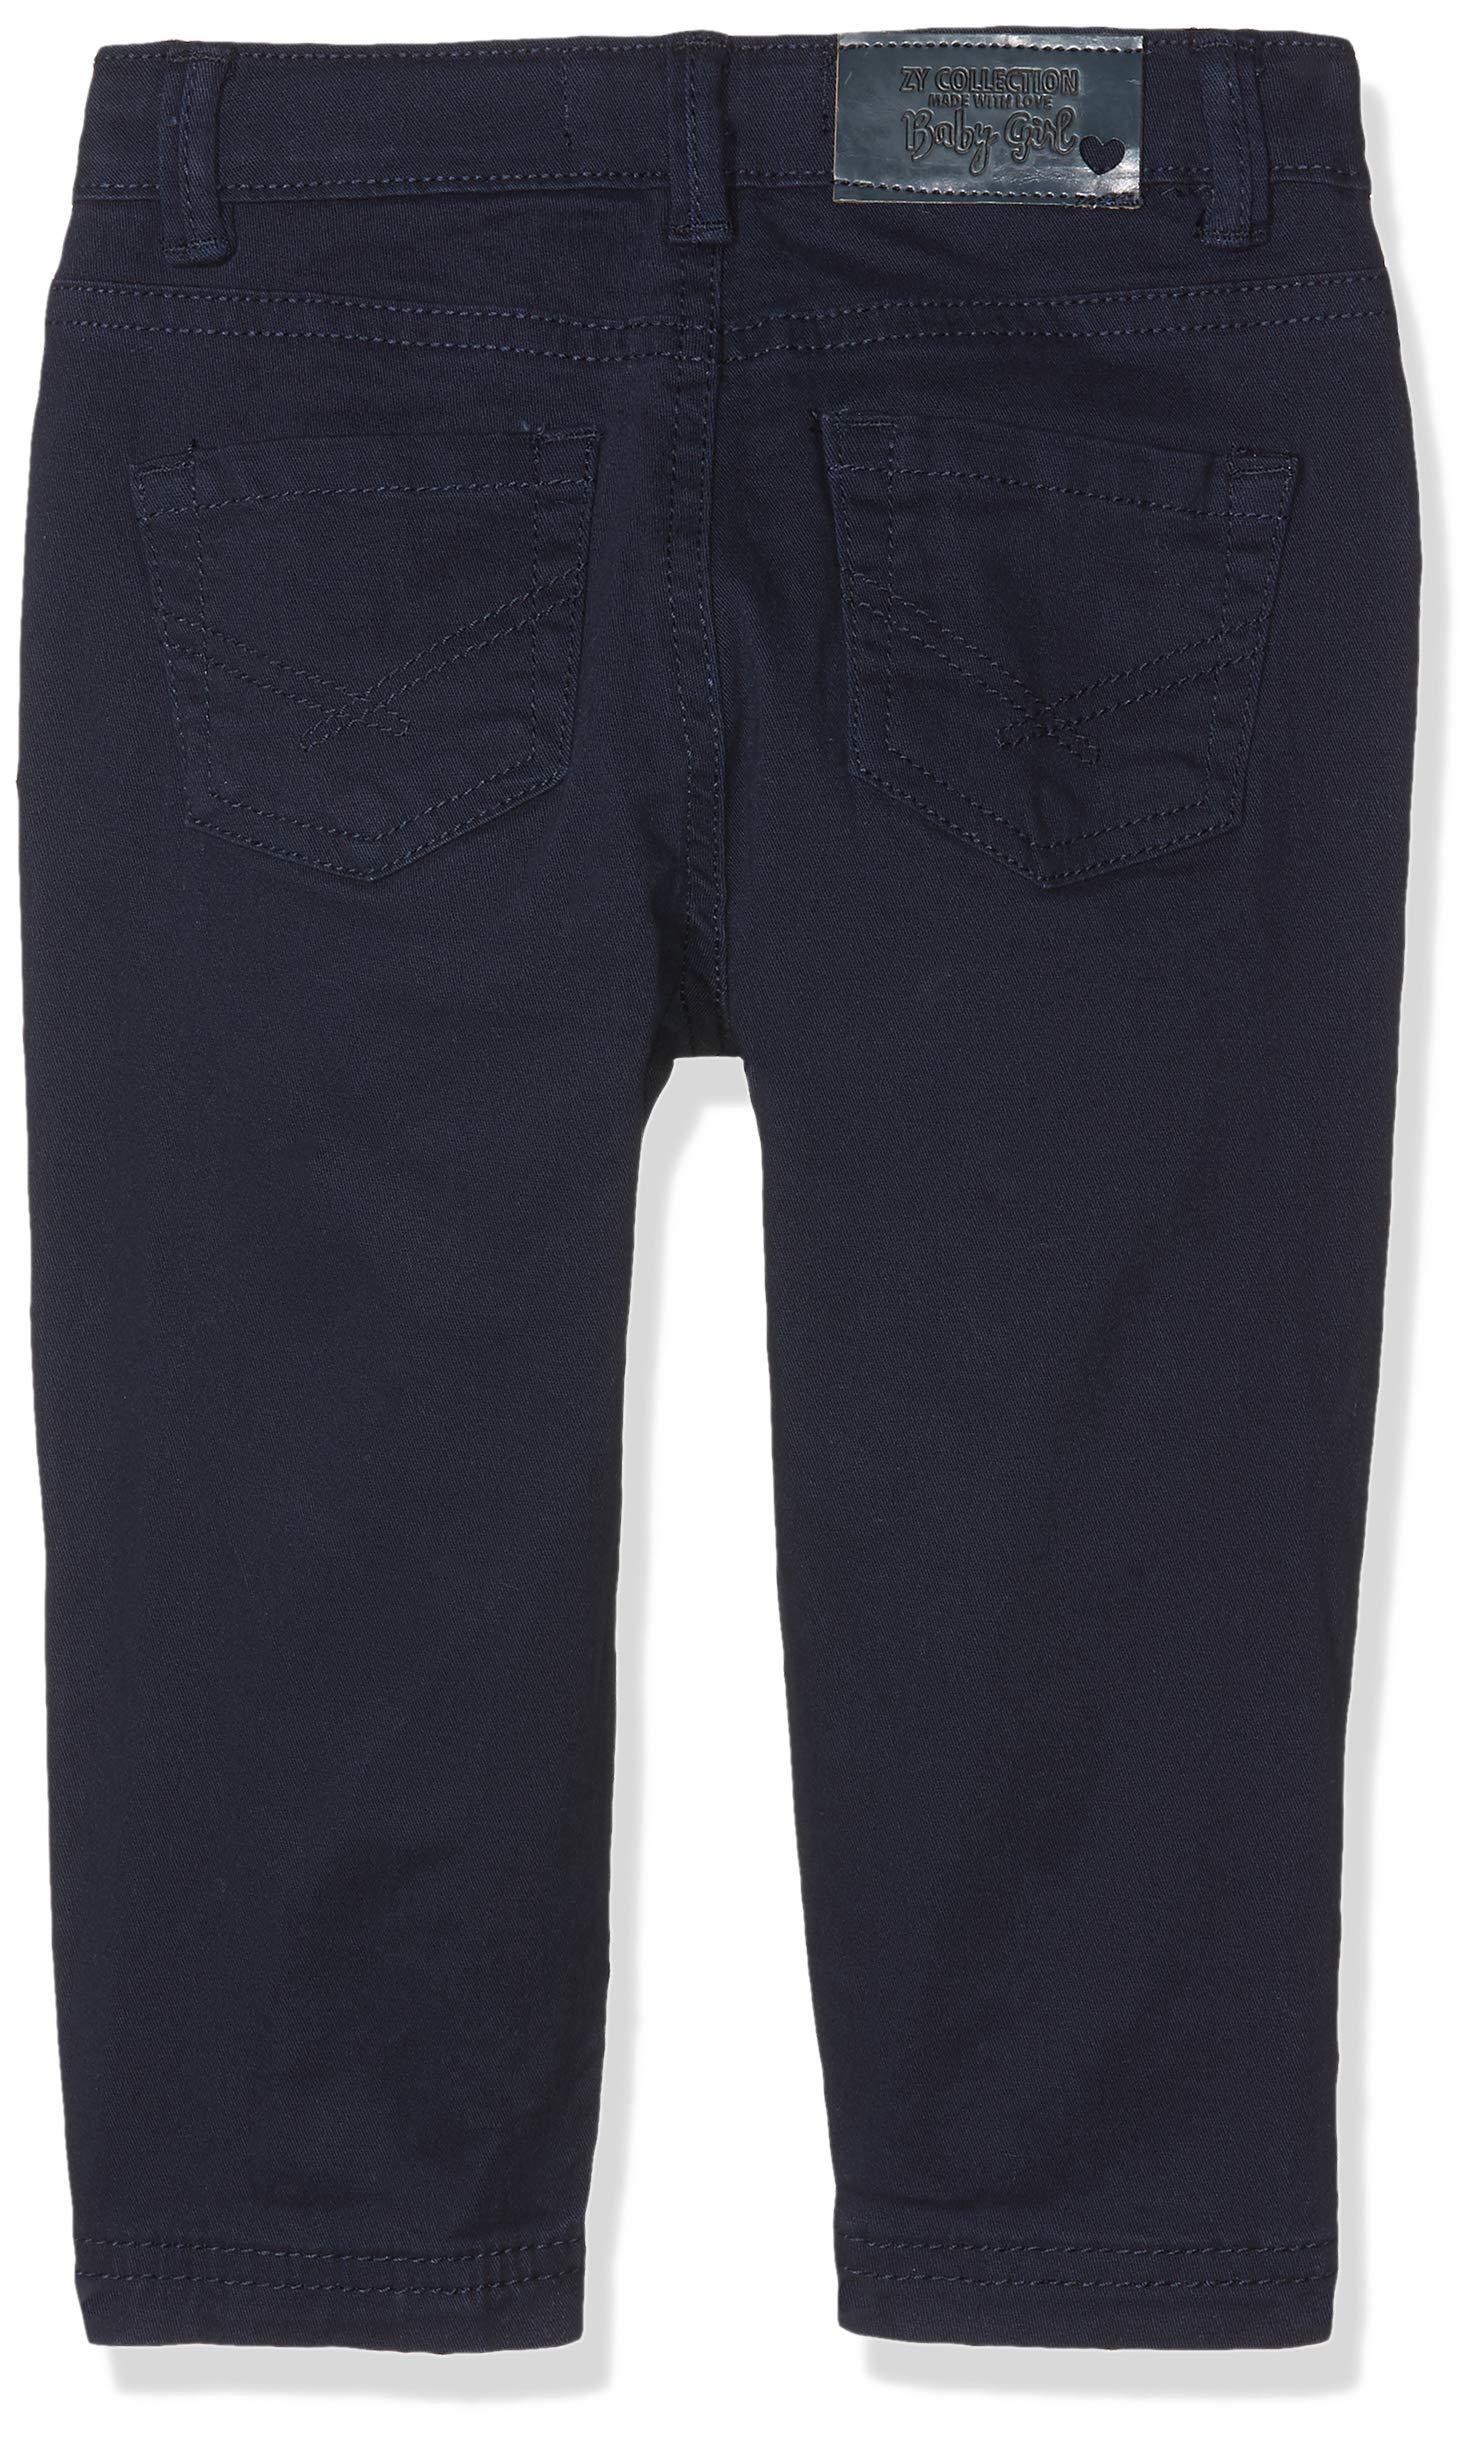 ZIPPY Pants Pantalones para Bebés 2